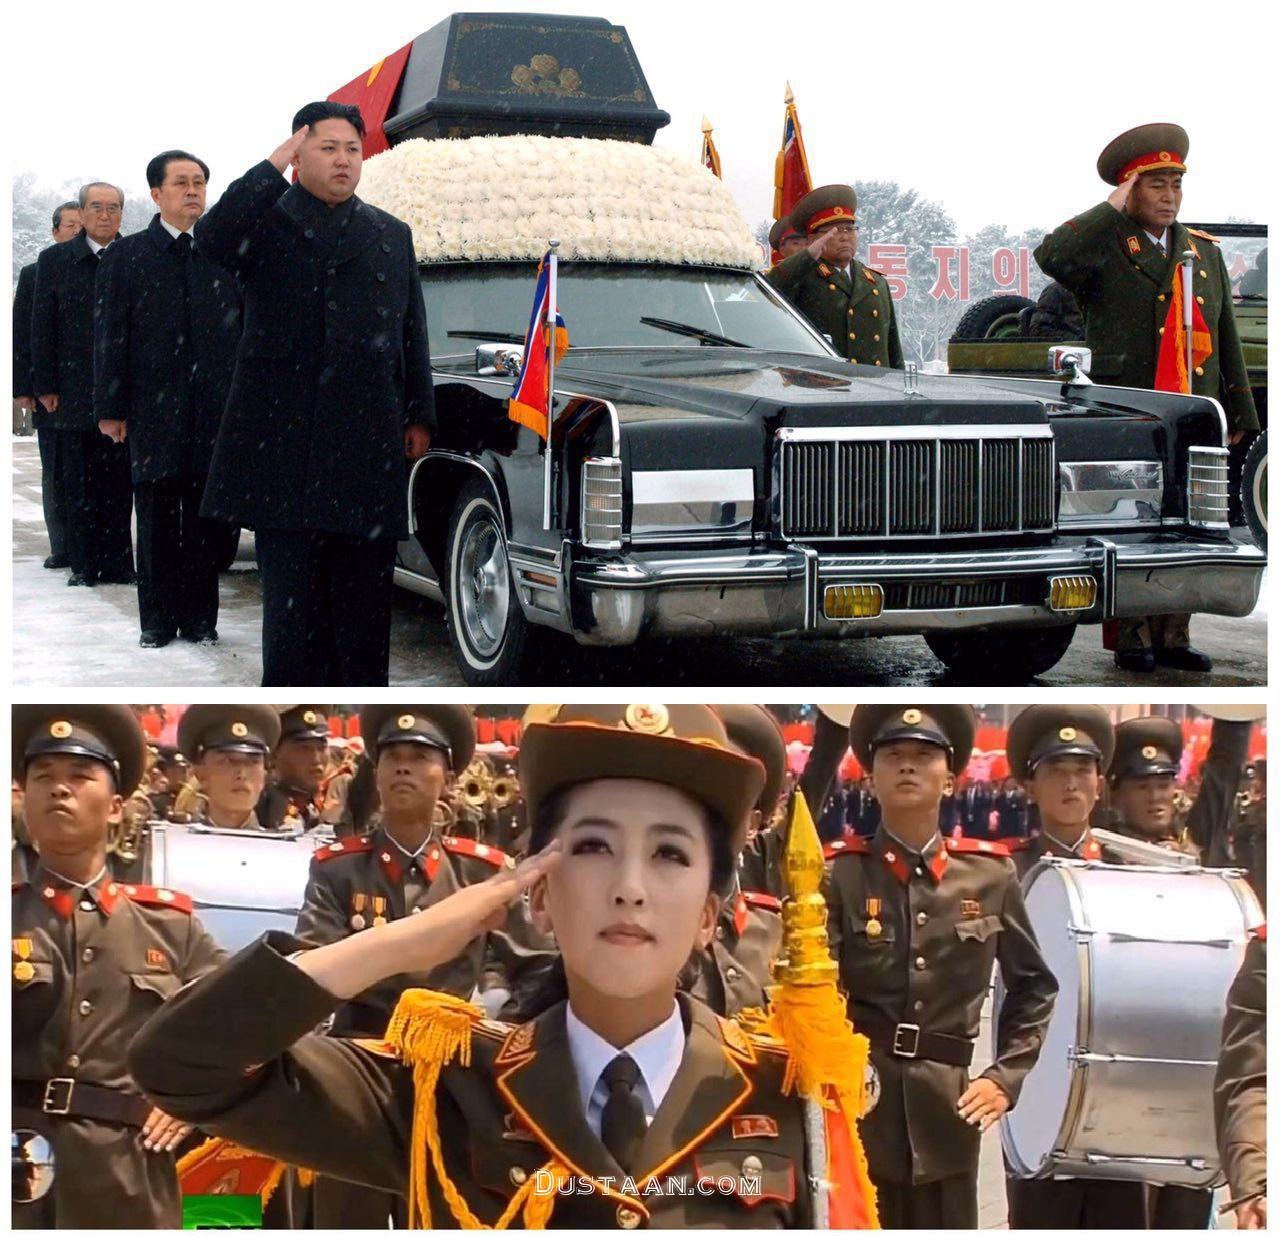 www.dustaan.com برگزاری جشن تولد در این دو روز در کره شمالی ممنوع است! +عکس